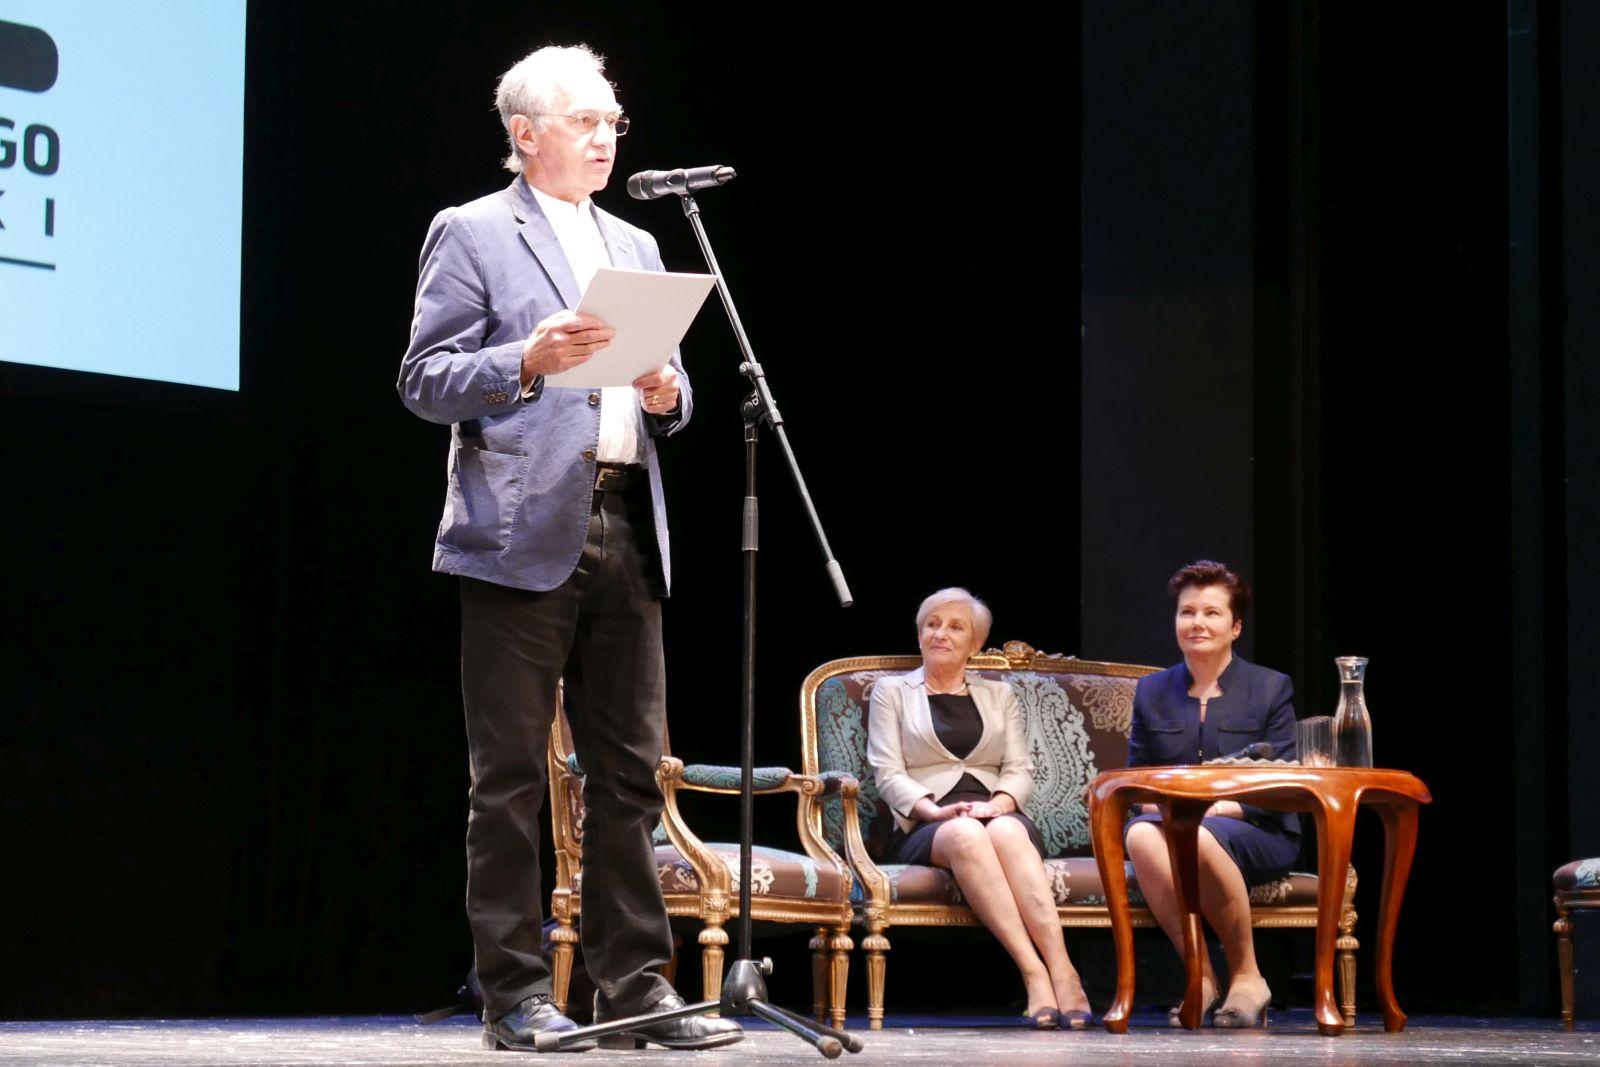 Maciej Zaremba Bielawski, Hanna Gronkiewicz-Waltz